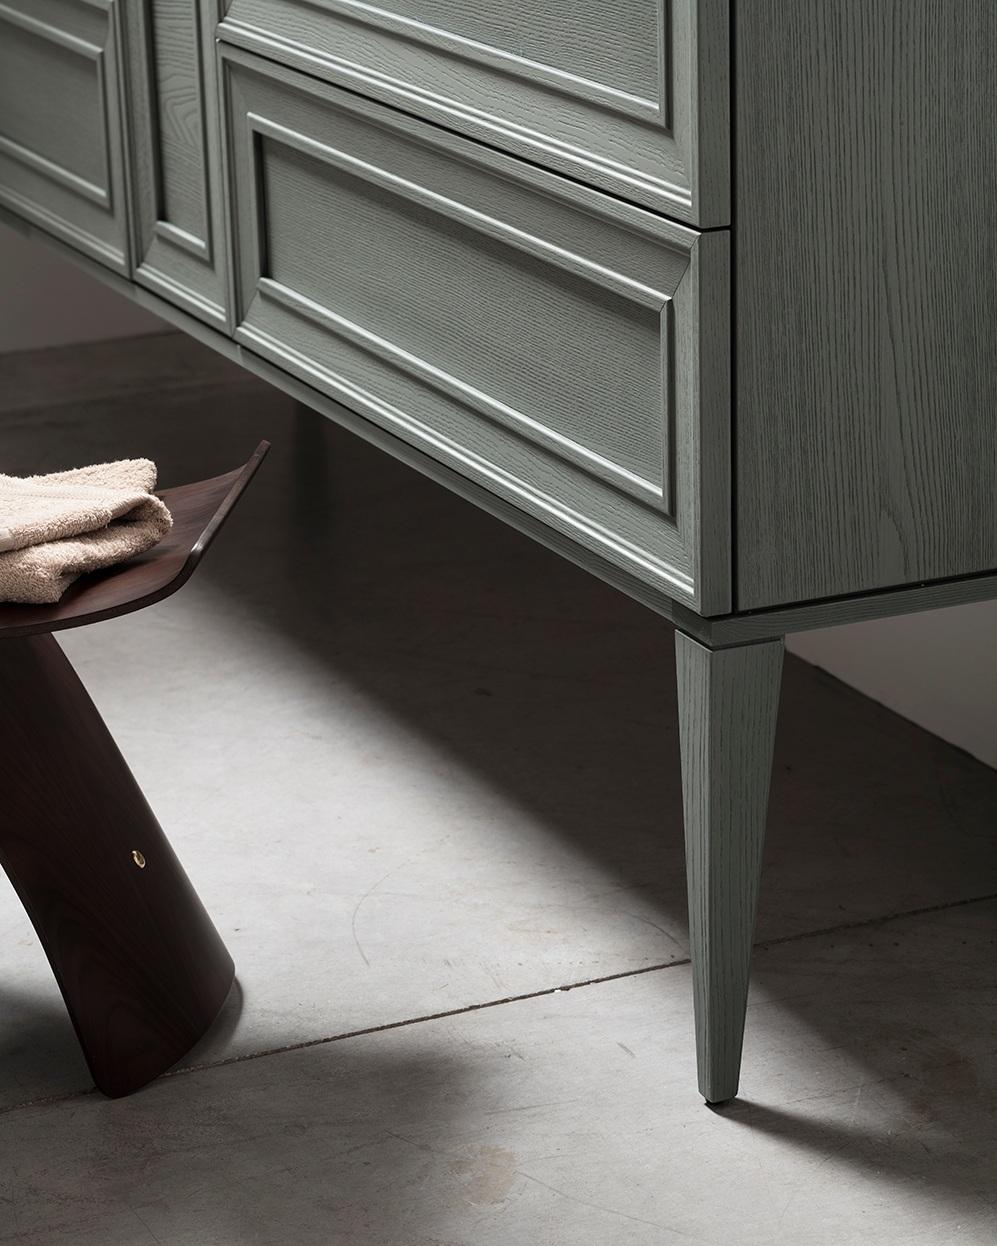 Piedini - Alle basi sospese si possono aggiungere una cornice e dei piedini nelle stesse finiture.